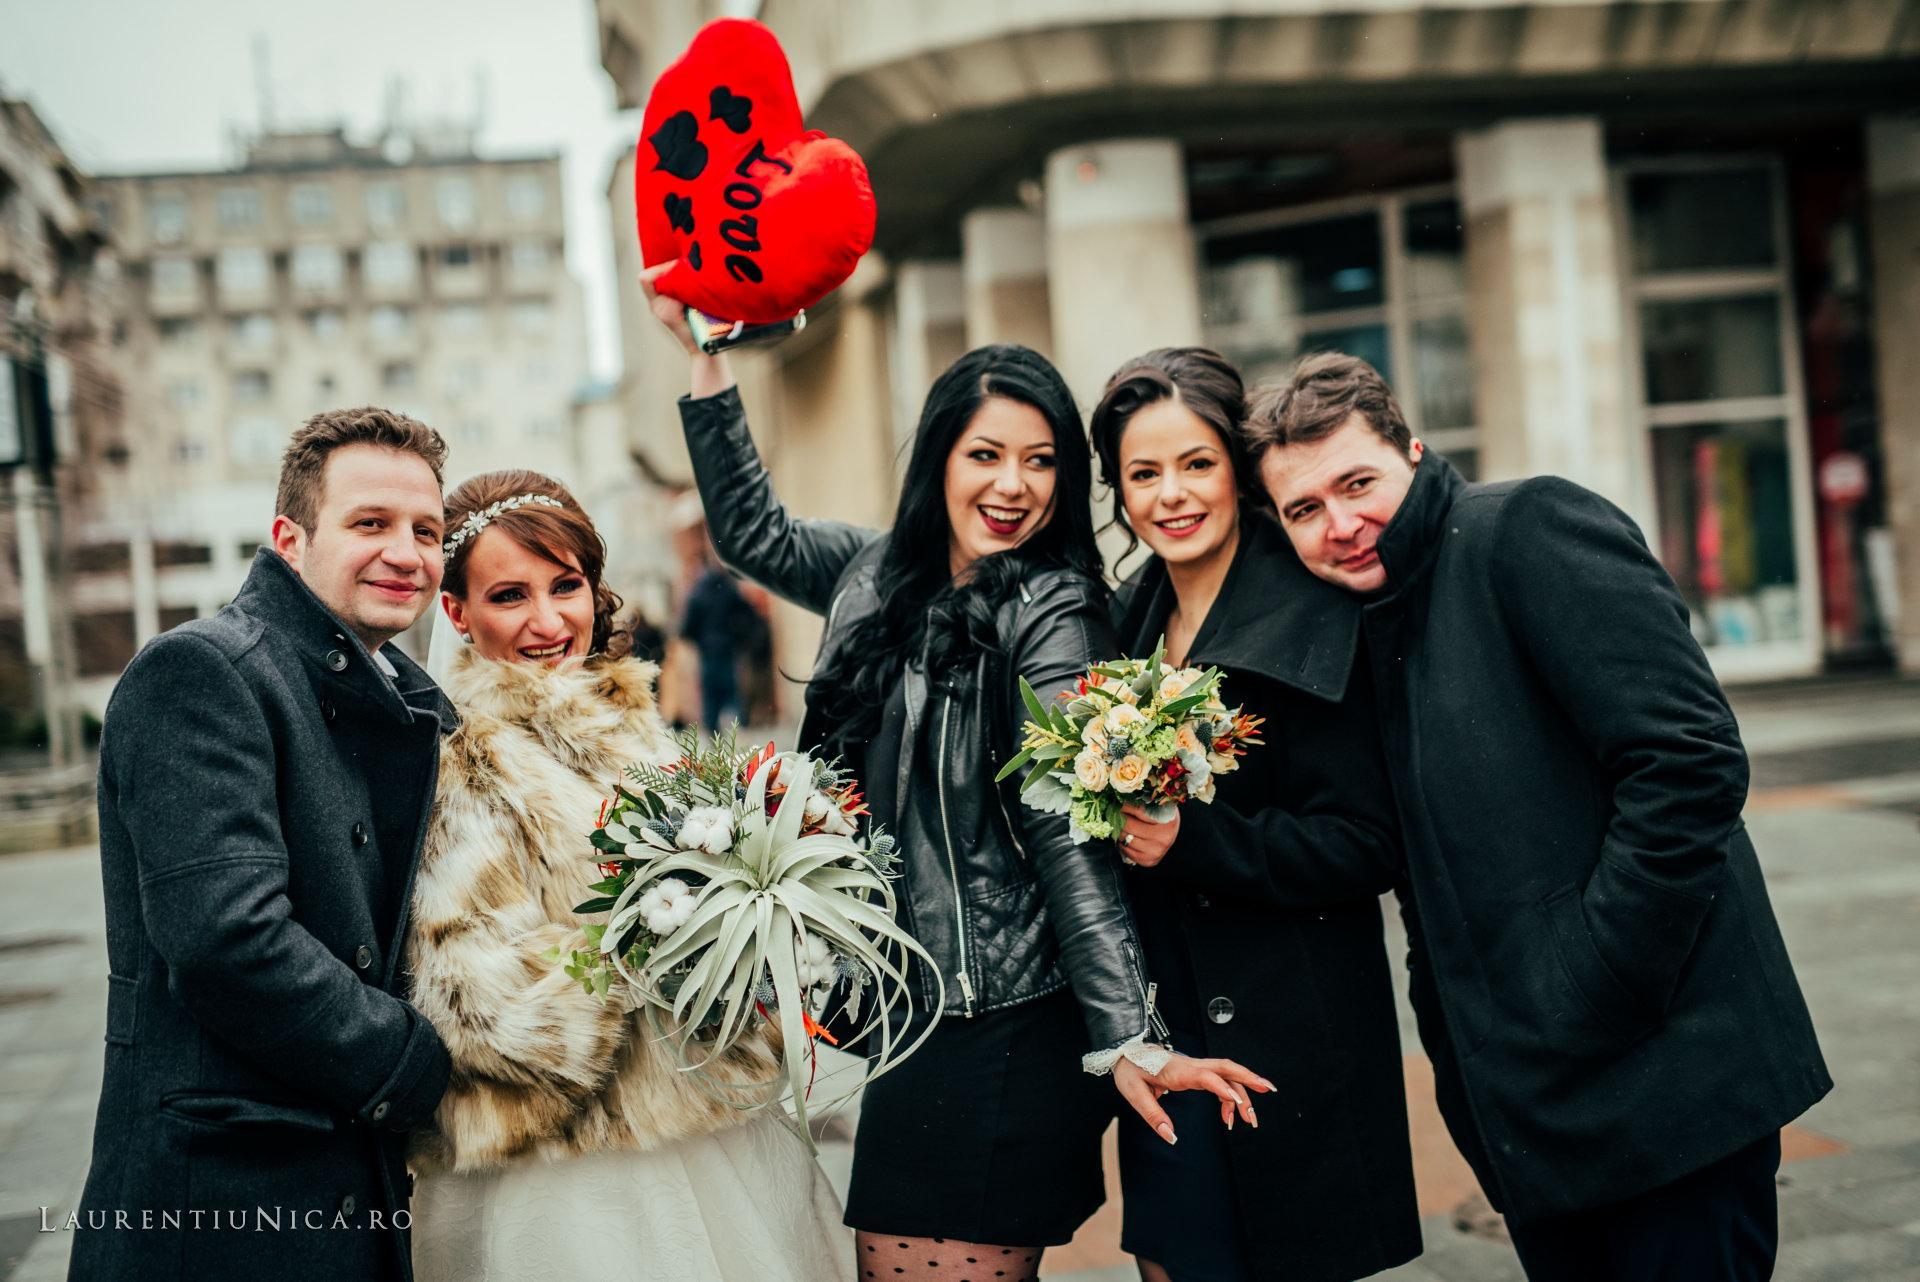 daniela si marius fotografii nunta craiova laurentiu nica34 - Daniela & Marius | Fotografii nunta